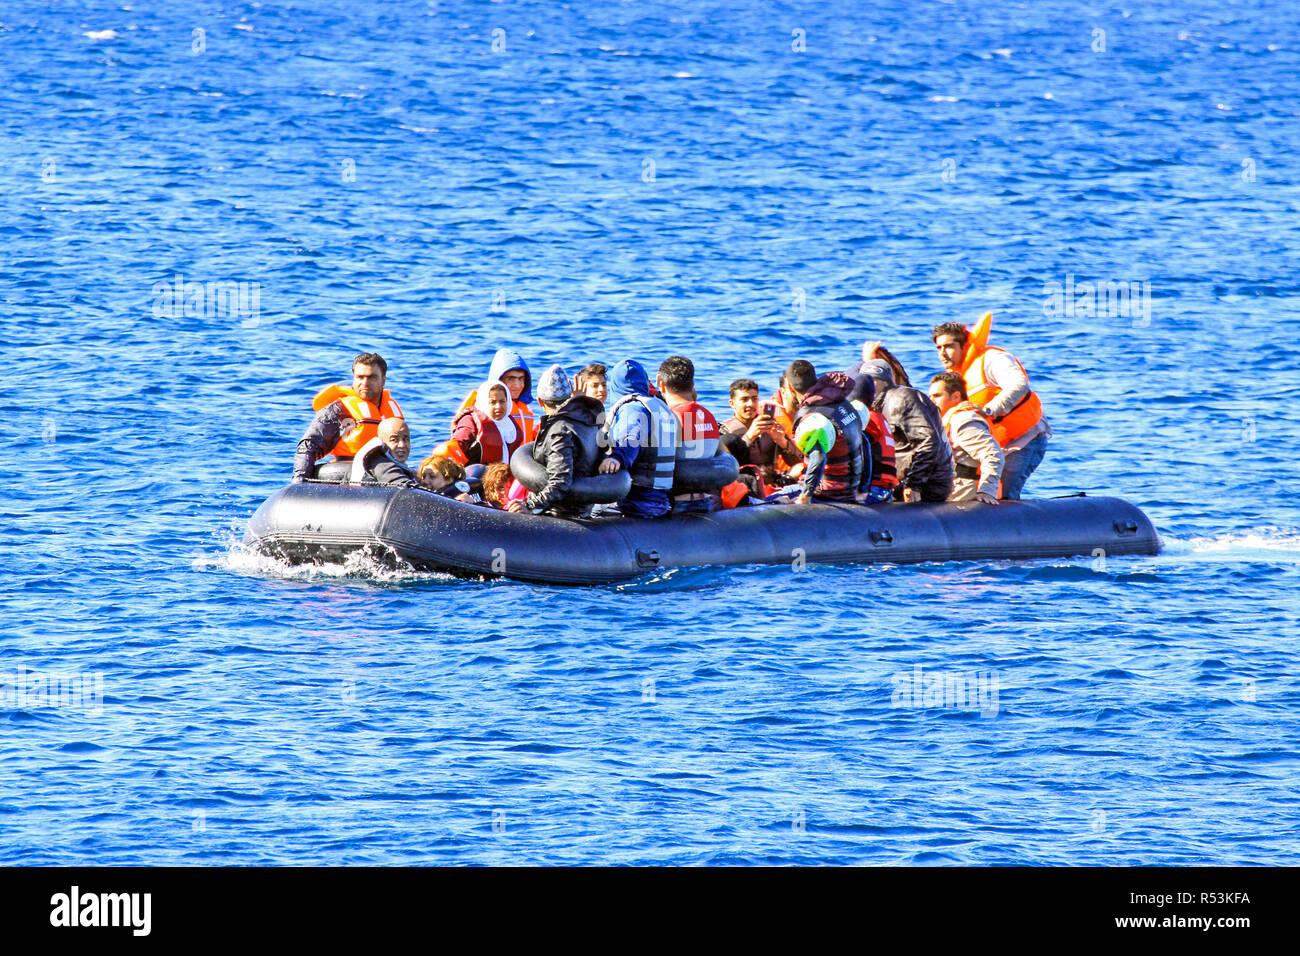 Las familias de refugiados que llegan a Molyvos en la isla griega de Lesbos, Grecia después de hacer el viaje en bote hinchable cruzando el mar Egeo Foto de stock